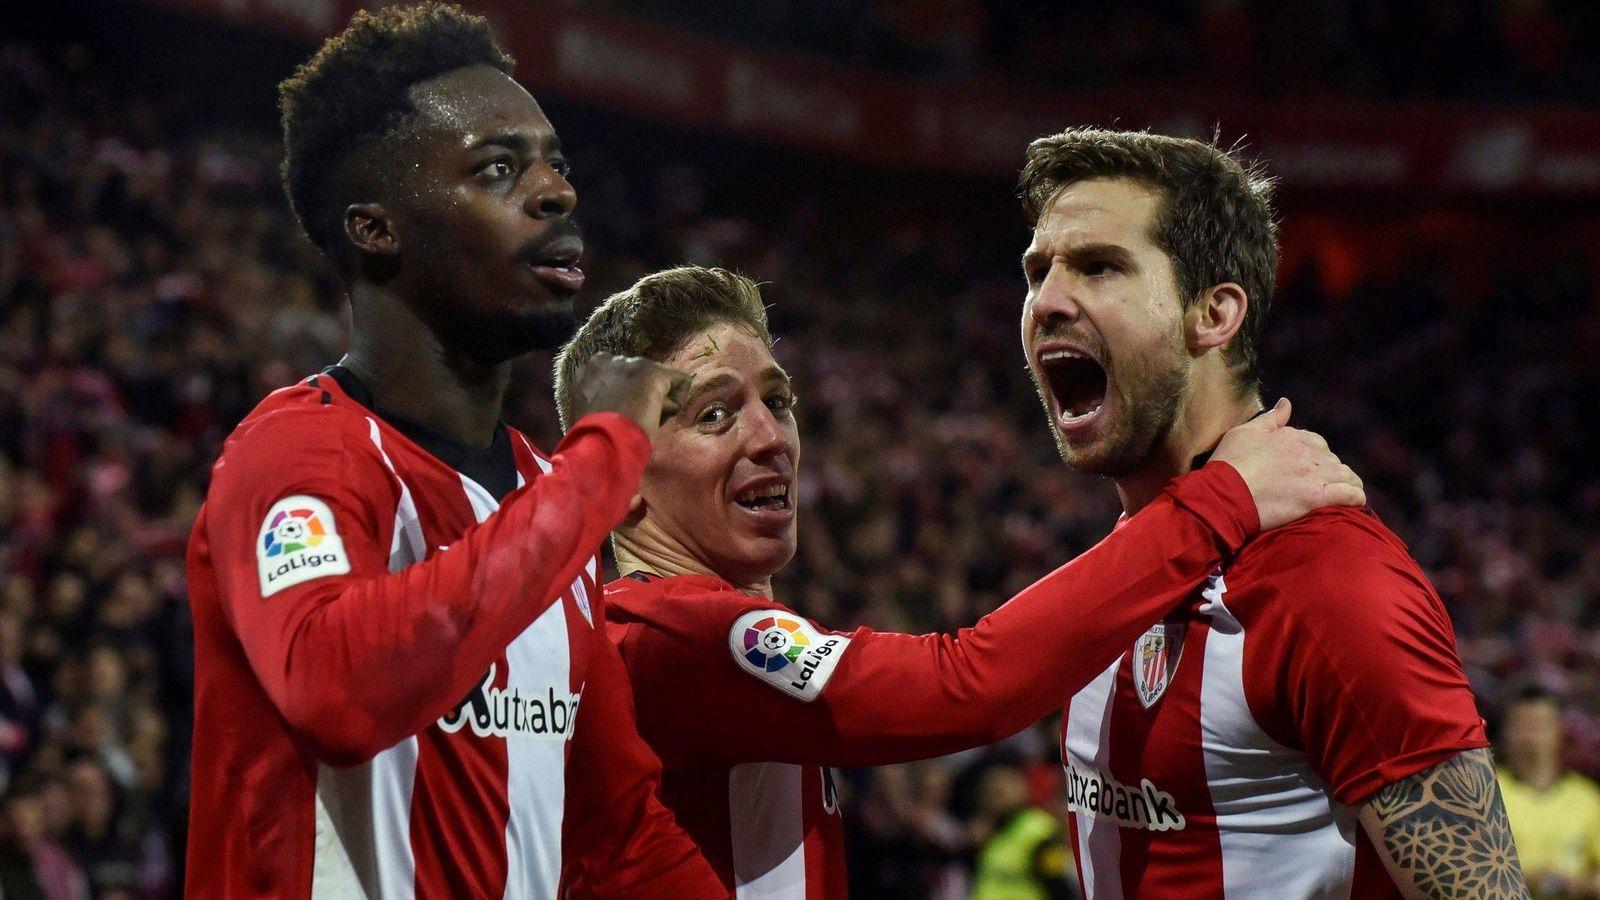 Foto: Jugadores del Athletic de Bilbao celebran un gol. (EFE)